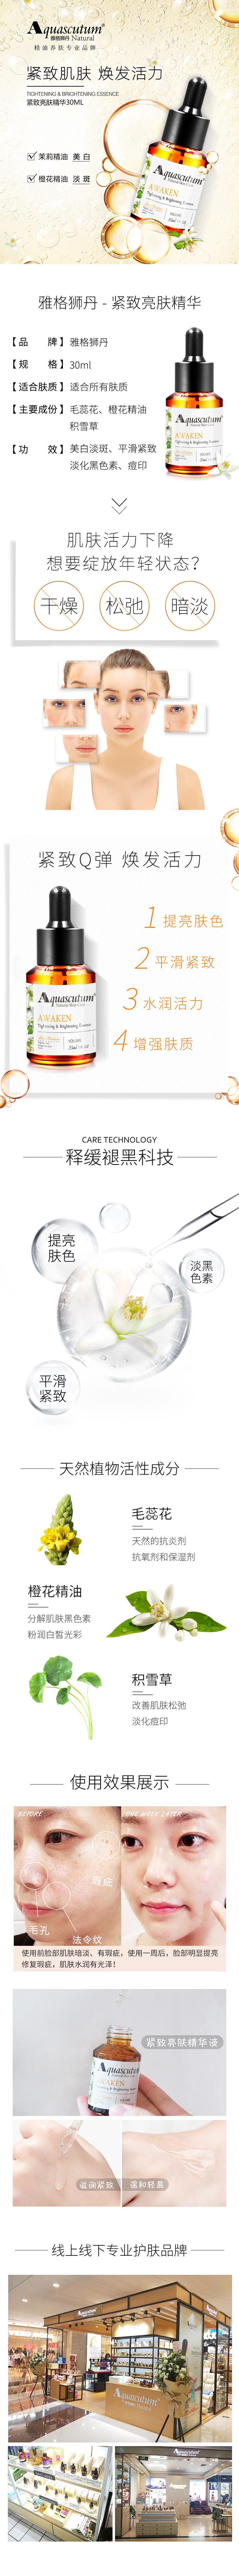 7-630032-202061雅格狮丹精华详情页-01.jpg